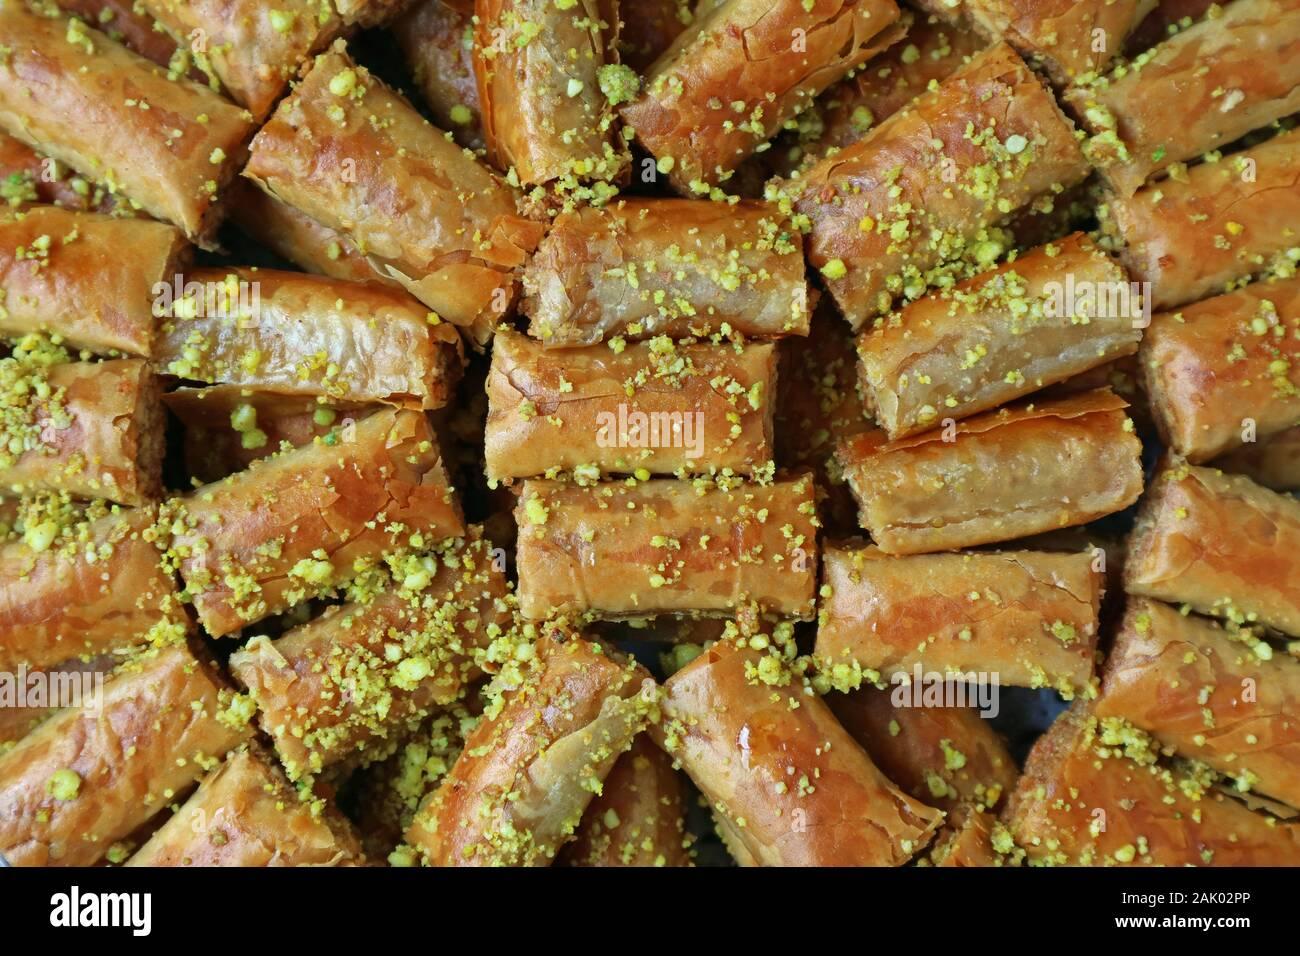 Vista superiore della Baklava pasticcini e rabboccato con un trito di Pistacchi di Bronte Foto Stock